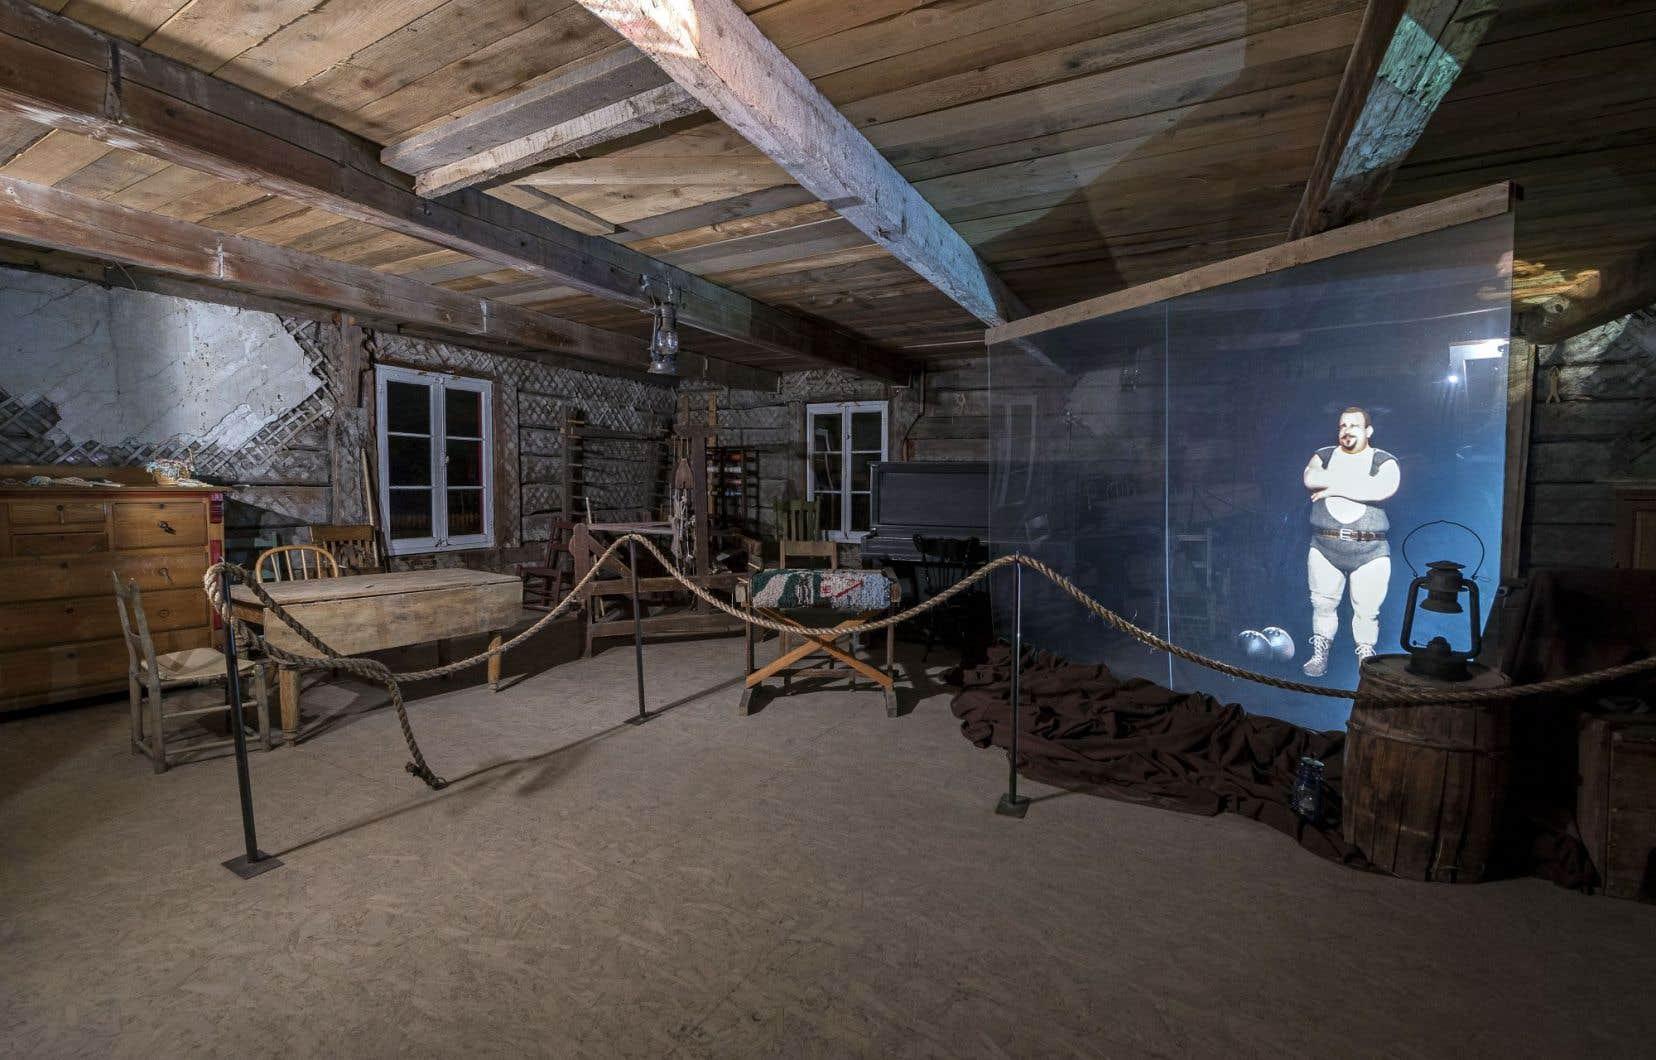 Le personnage mythique Louis Cyr en hologramme dans une maison historique. Il effectue des tours de force alors que son histoire est racontée.